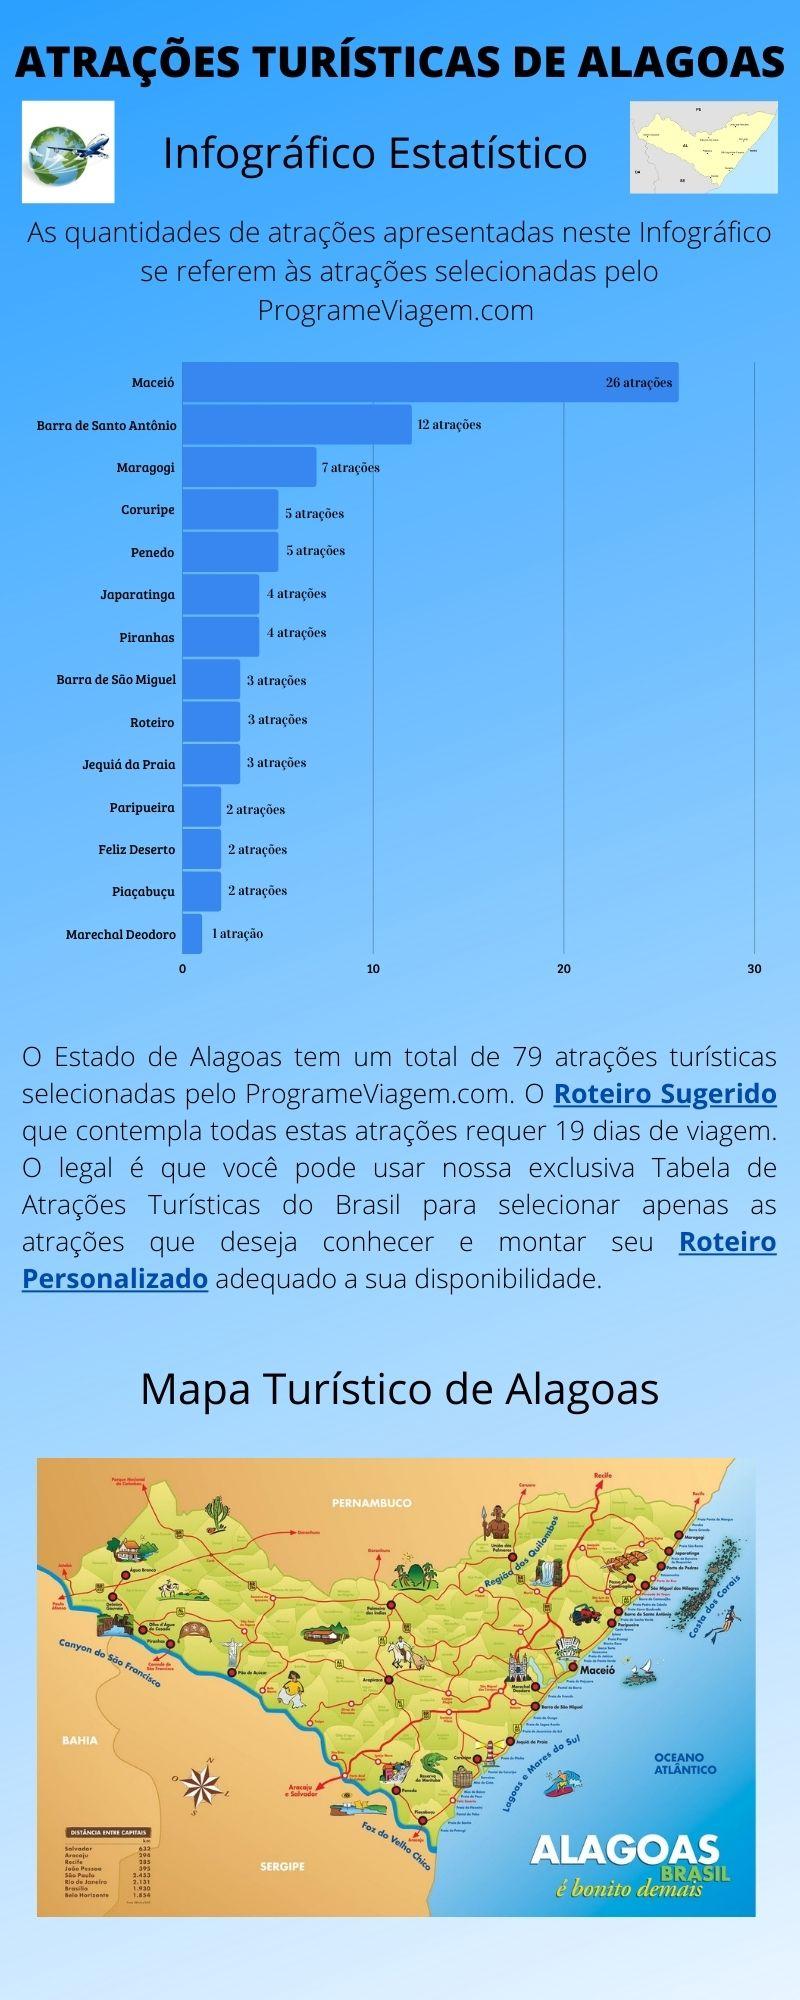 Infográfico Atrações Turísticas de Alagoas